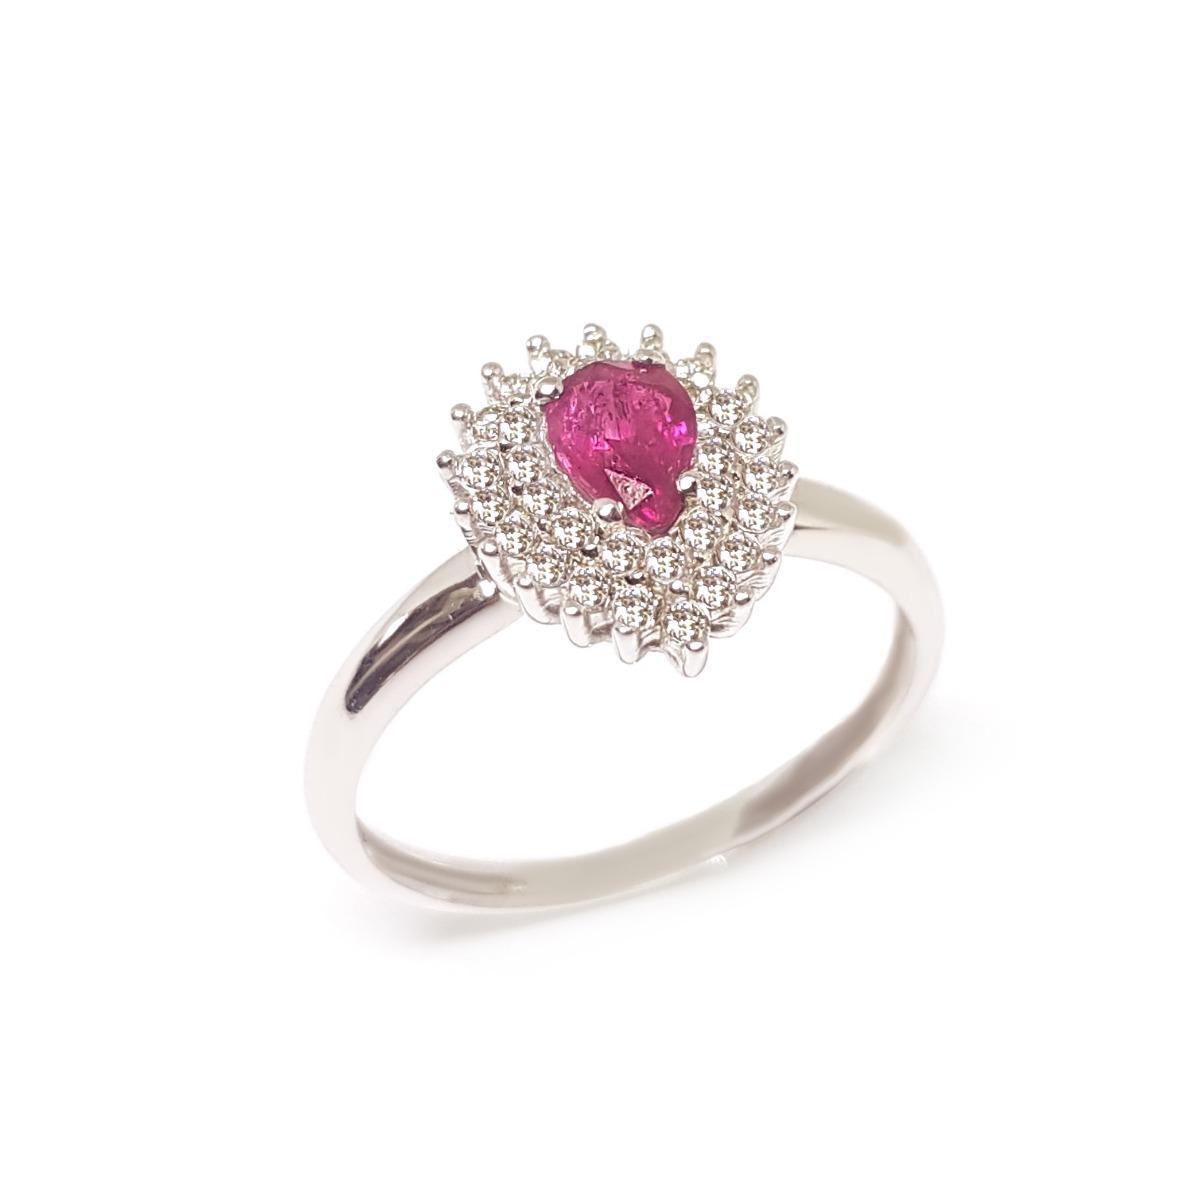 24ba587b5f8 anel ouro branco 18k 750 com diamantes e gota rubi. Carregando zoom.